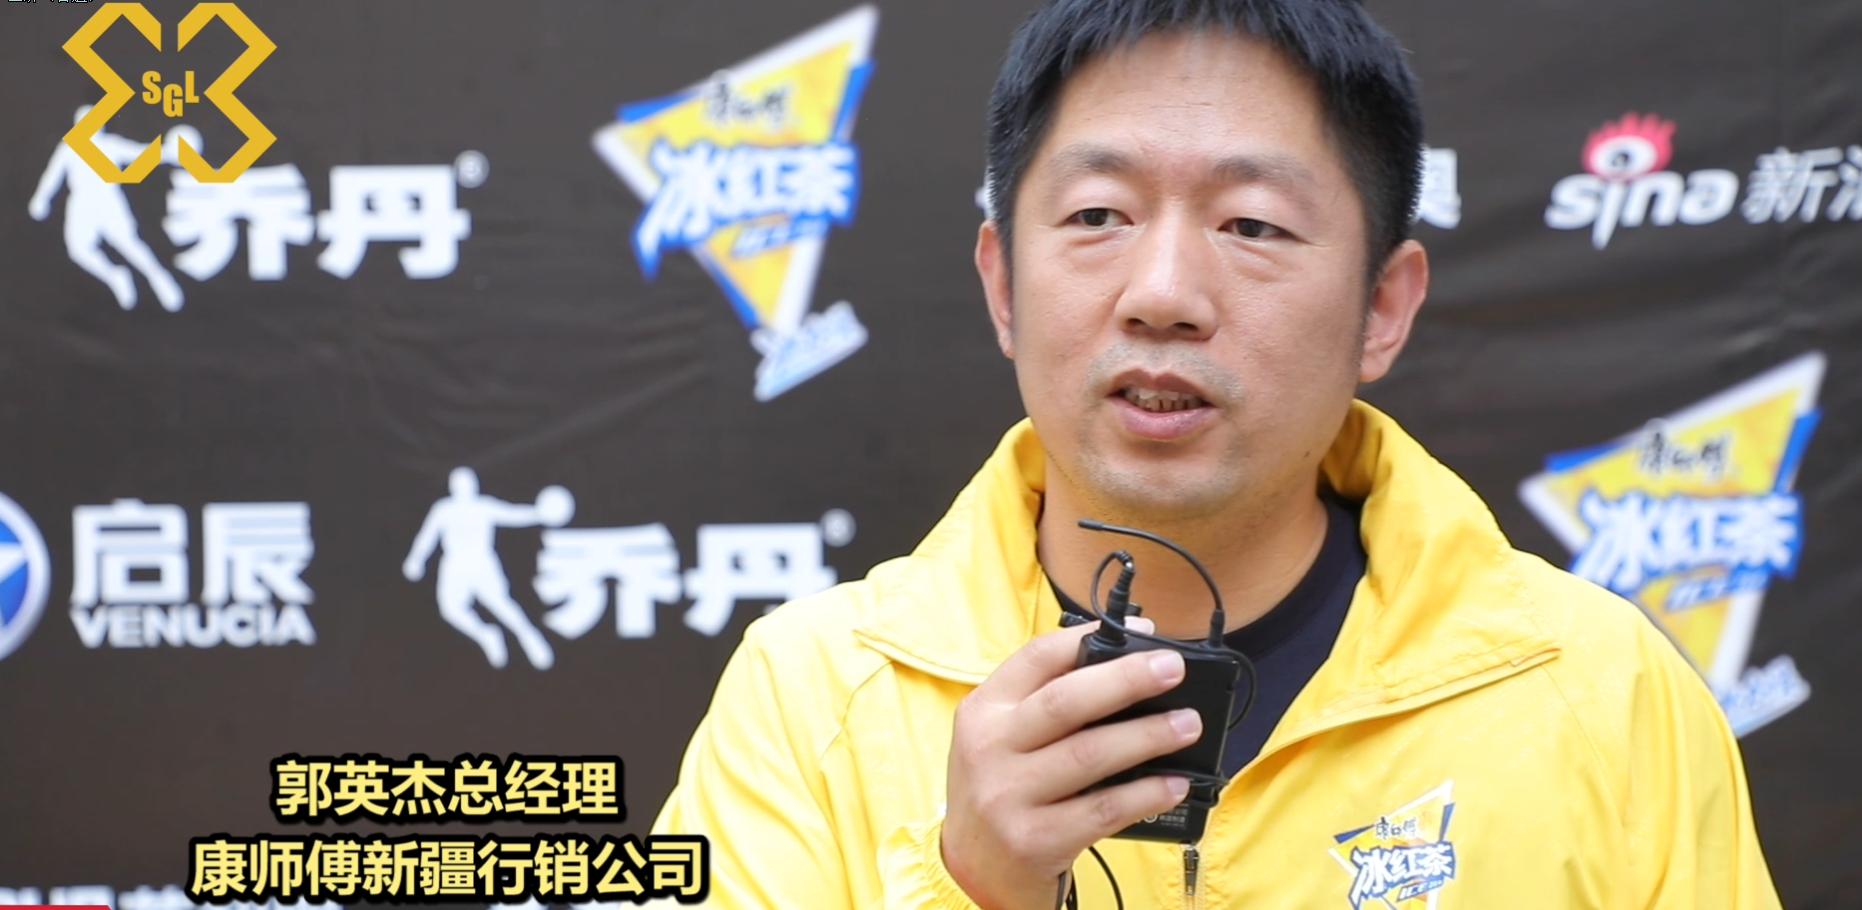 3X3黄金联赛专访郭英杰